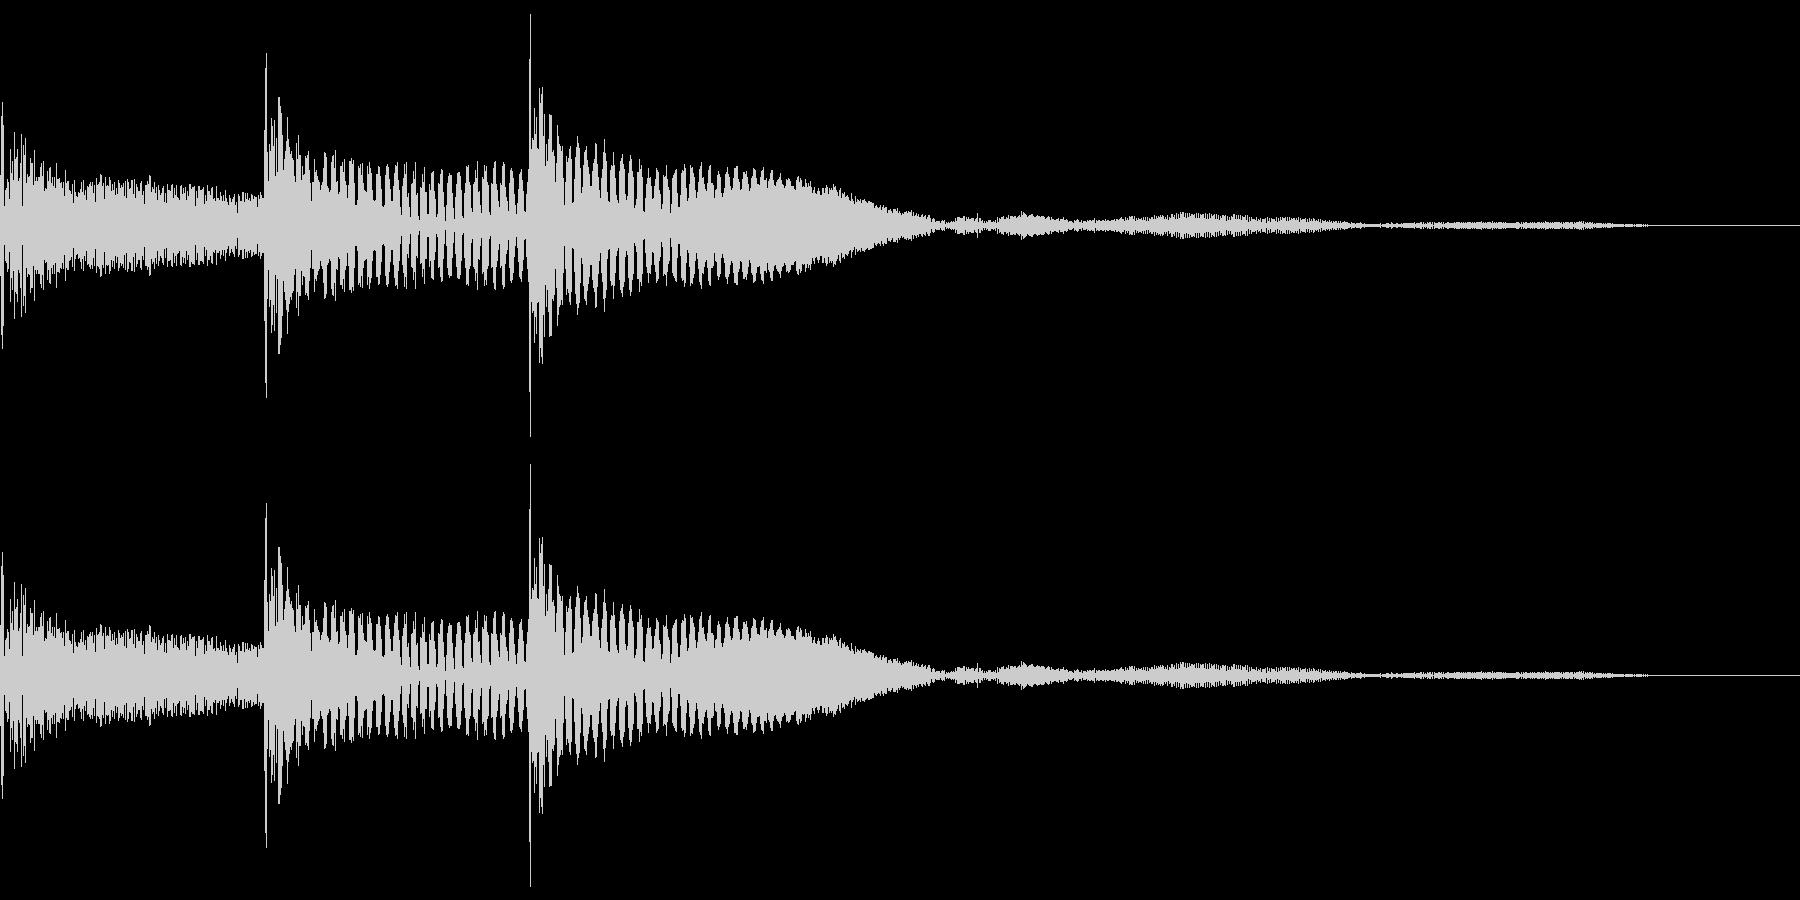 木琴で作った「決定」「選択」の効果音の未再生の波形